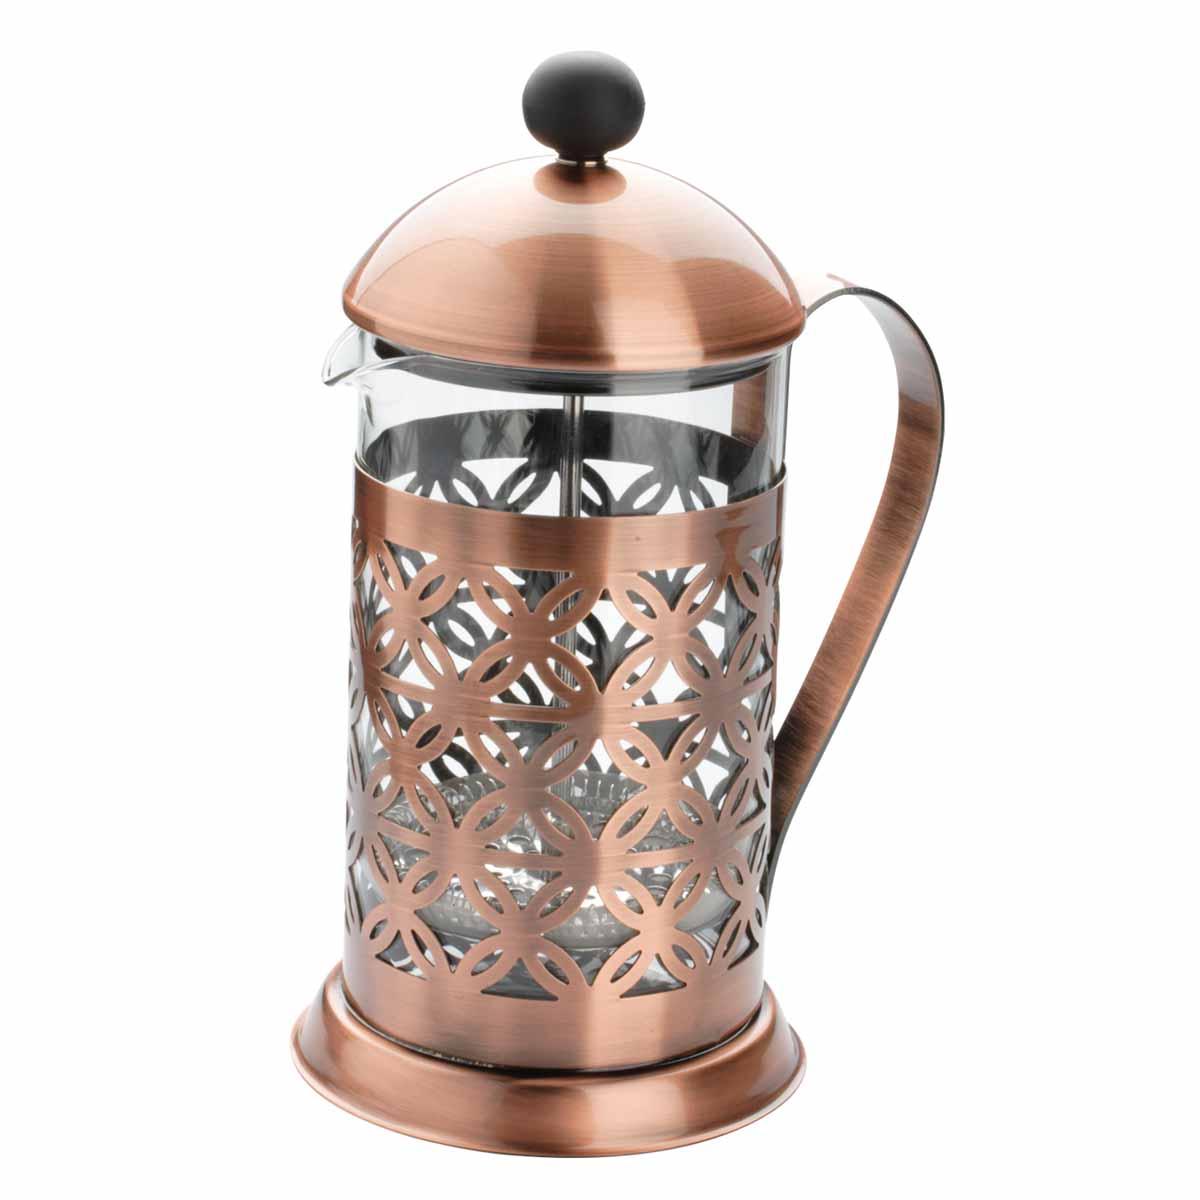 Френч-пресс Dekok Vintage, 800 мл. CP-1017CP-1017Френч-пресс Dekok Vintage легко разбирается и моется. Колба выполнена из жаропрочного стекла. Корпус, крышка и поршень изготовлены из нержавеющей стали. Конструкция носика антикапля удобна для разливания напитков в чашки.Прозрачные стенки чайника дают возможность наблюдать за насыщением напитка, а поршень позволяет с легкостью отжать заварочную гущу и получить напиток с насыщенным вкусом. Френч-пресс Dekok Vintage займет достойное место среди аксессуаров на вашей кухне. Не рекомендуется мыть в посудомоечной машине. Диаметр (по верхнему краю): 9,5 см. Высота чайника (без учета крышки): 17,5см.